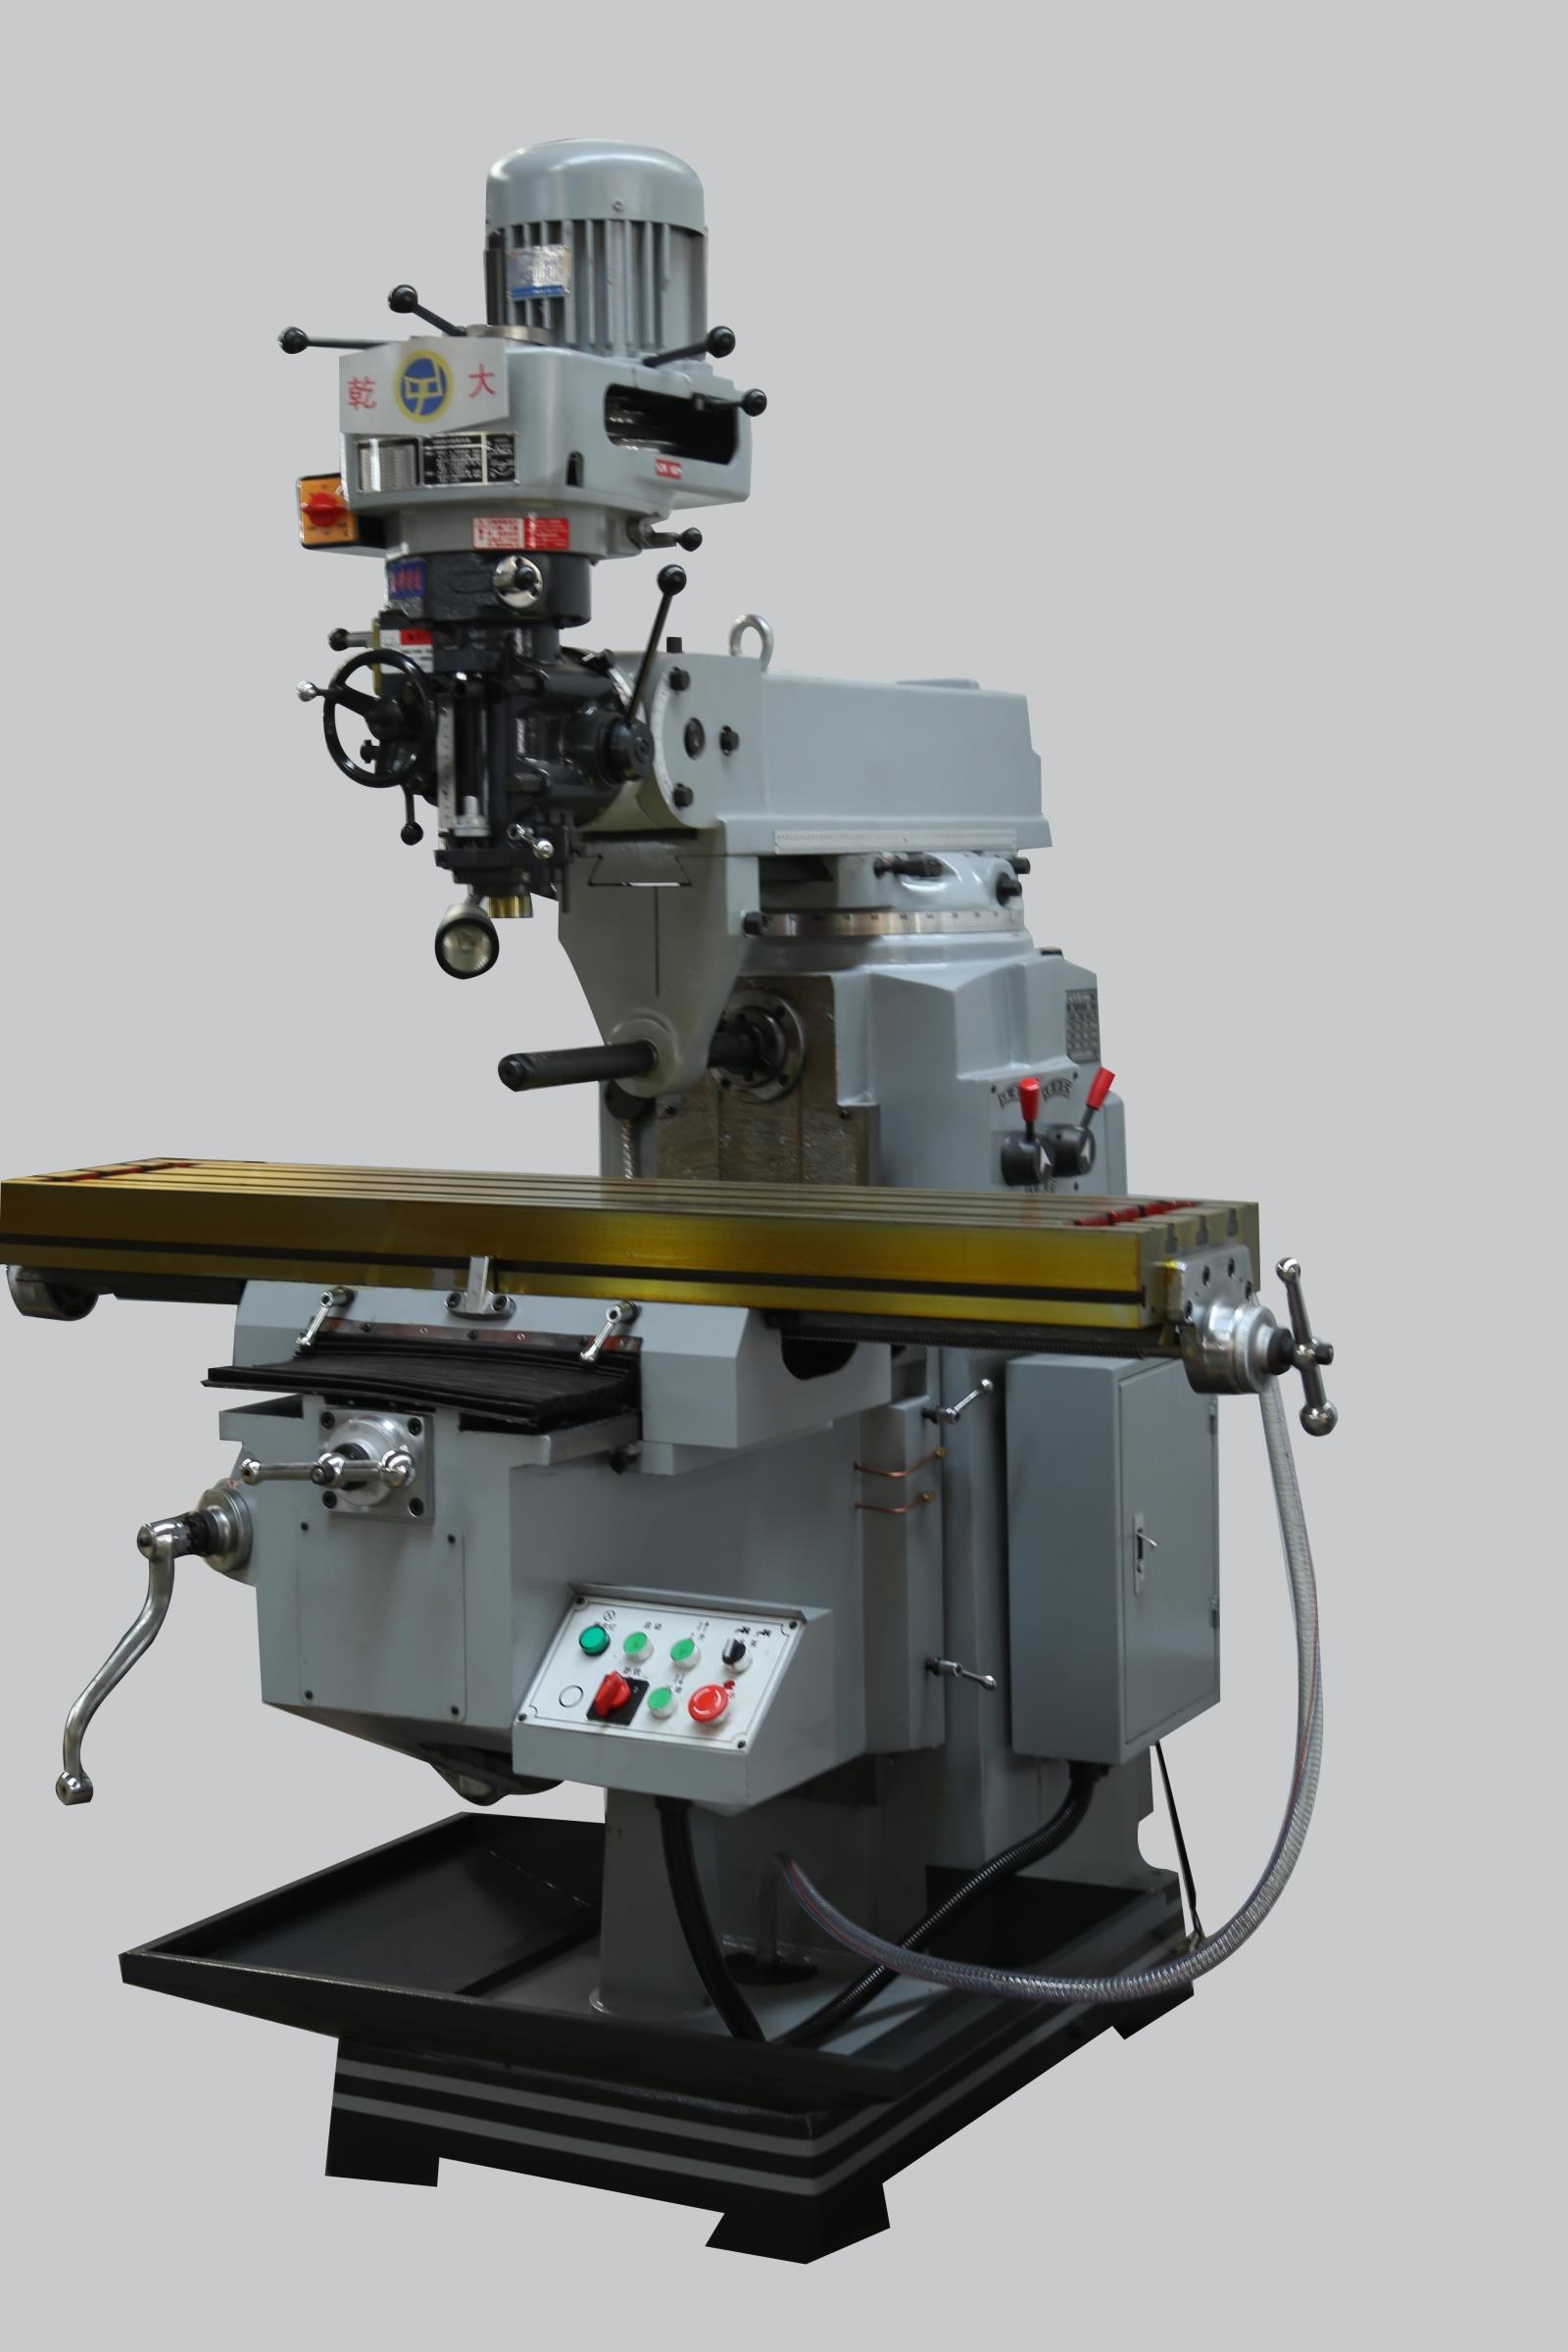 CNC turret fresadora fresadora torreta XKM4M5 rocker de molde de máquina fresadora CNC de 4, 5,